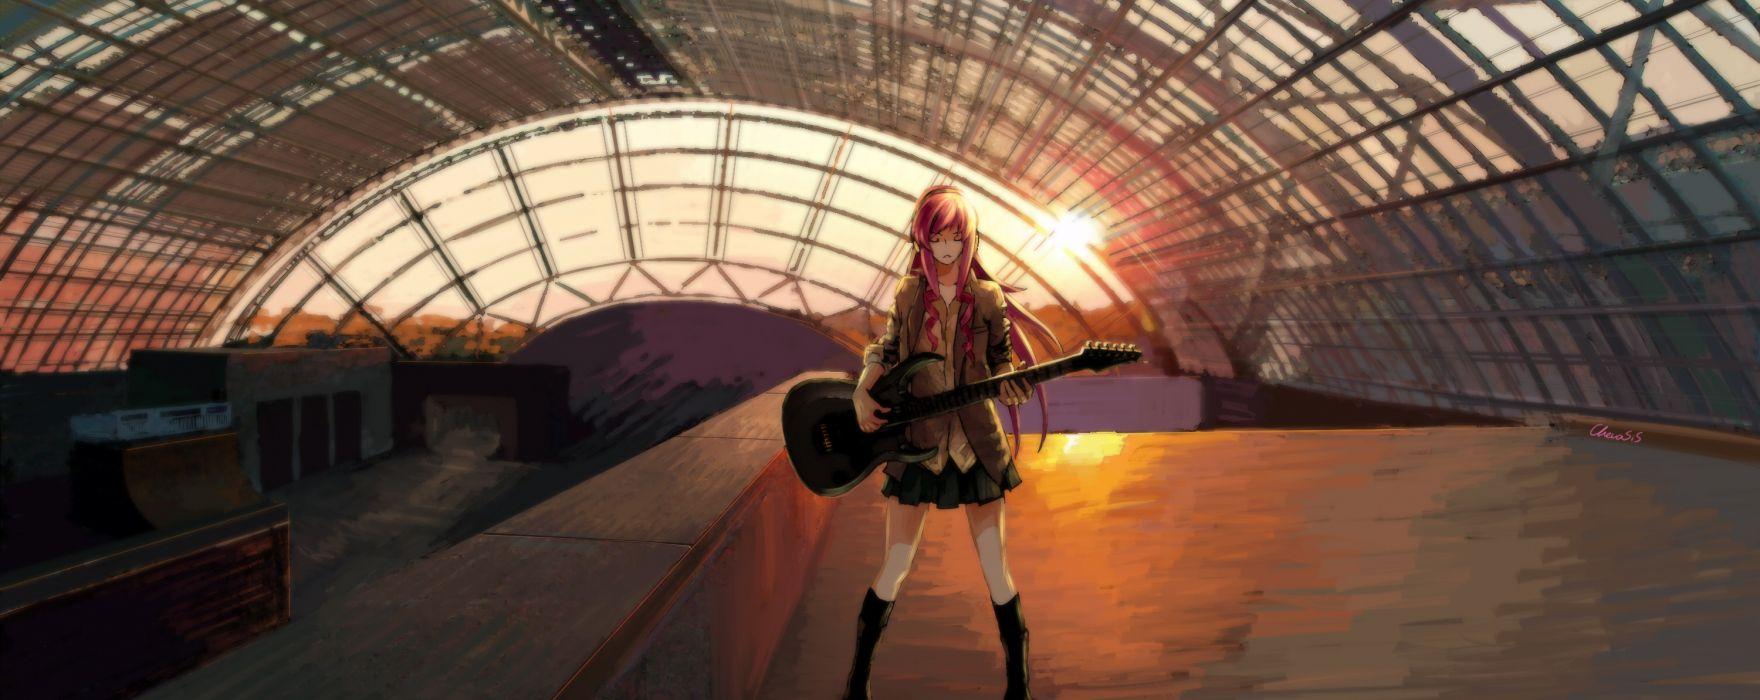 chevasis guitar headphones instrument long hair megurine luka pink hair skirt sunset vocaloid wallpaper